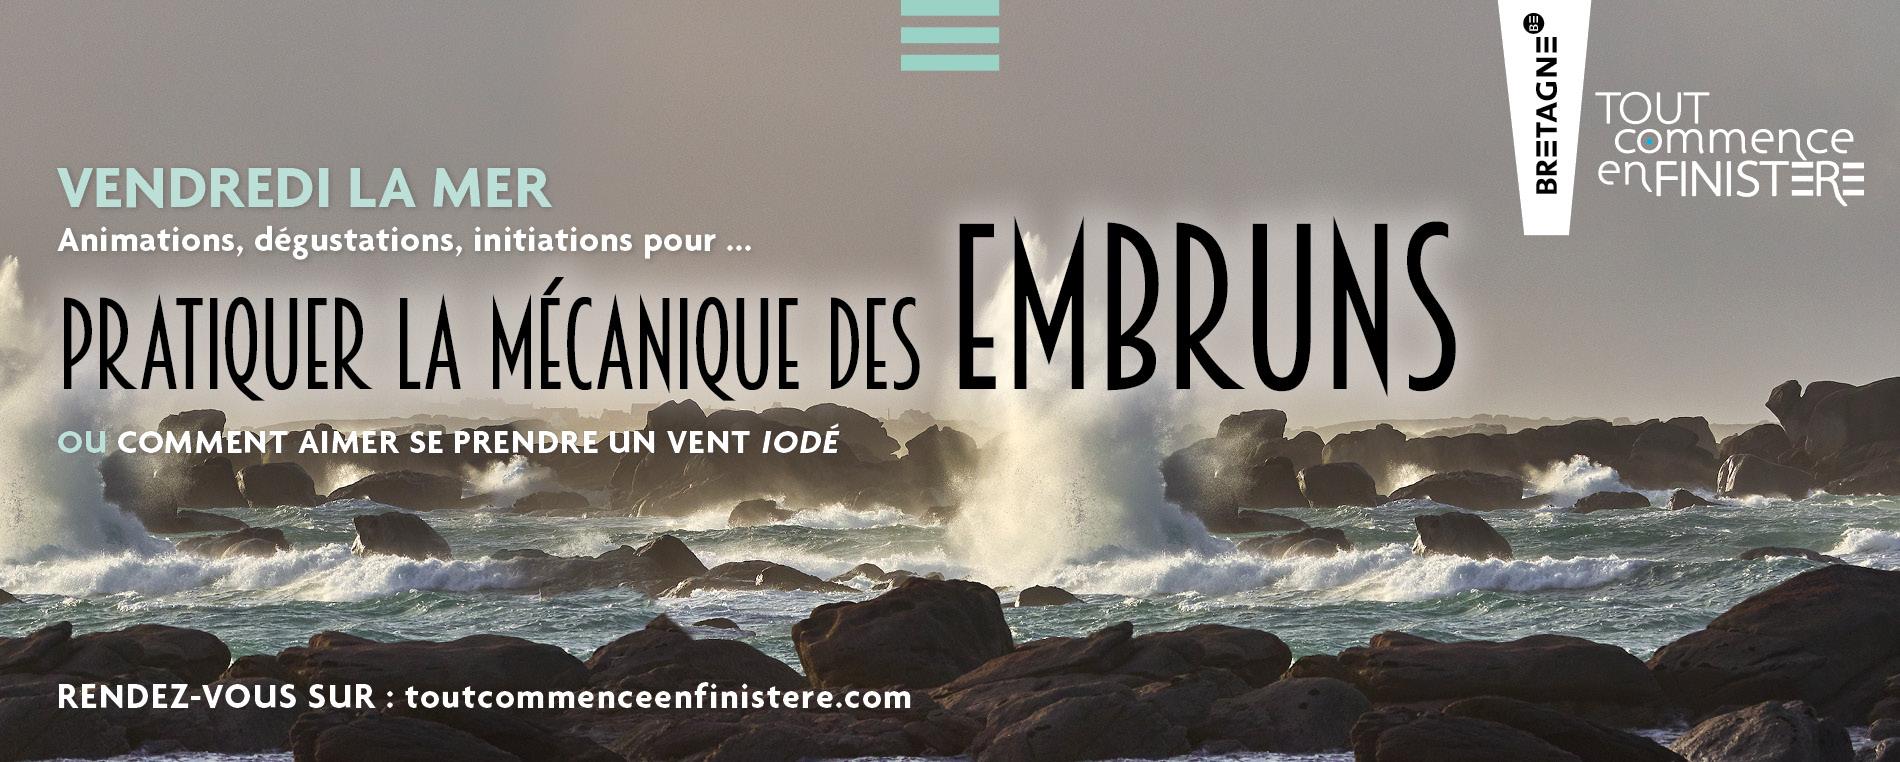 Que faire en Finistère ? - Semaine du 12 au 18 octobre